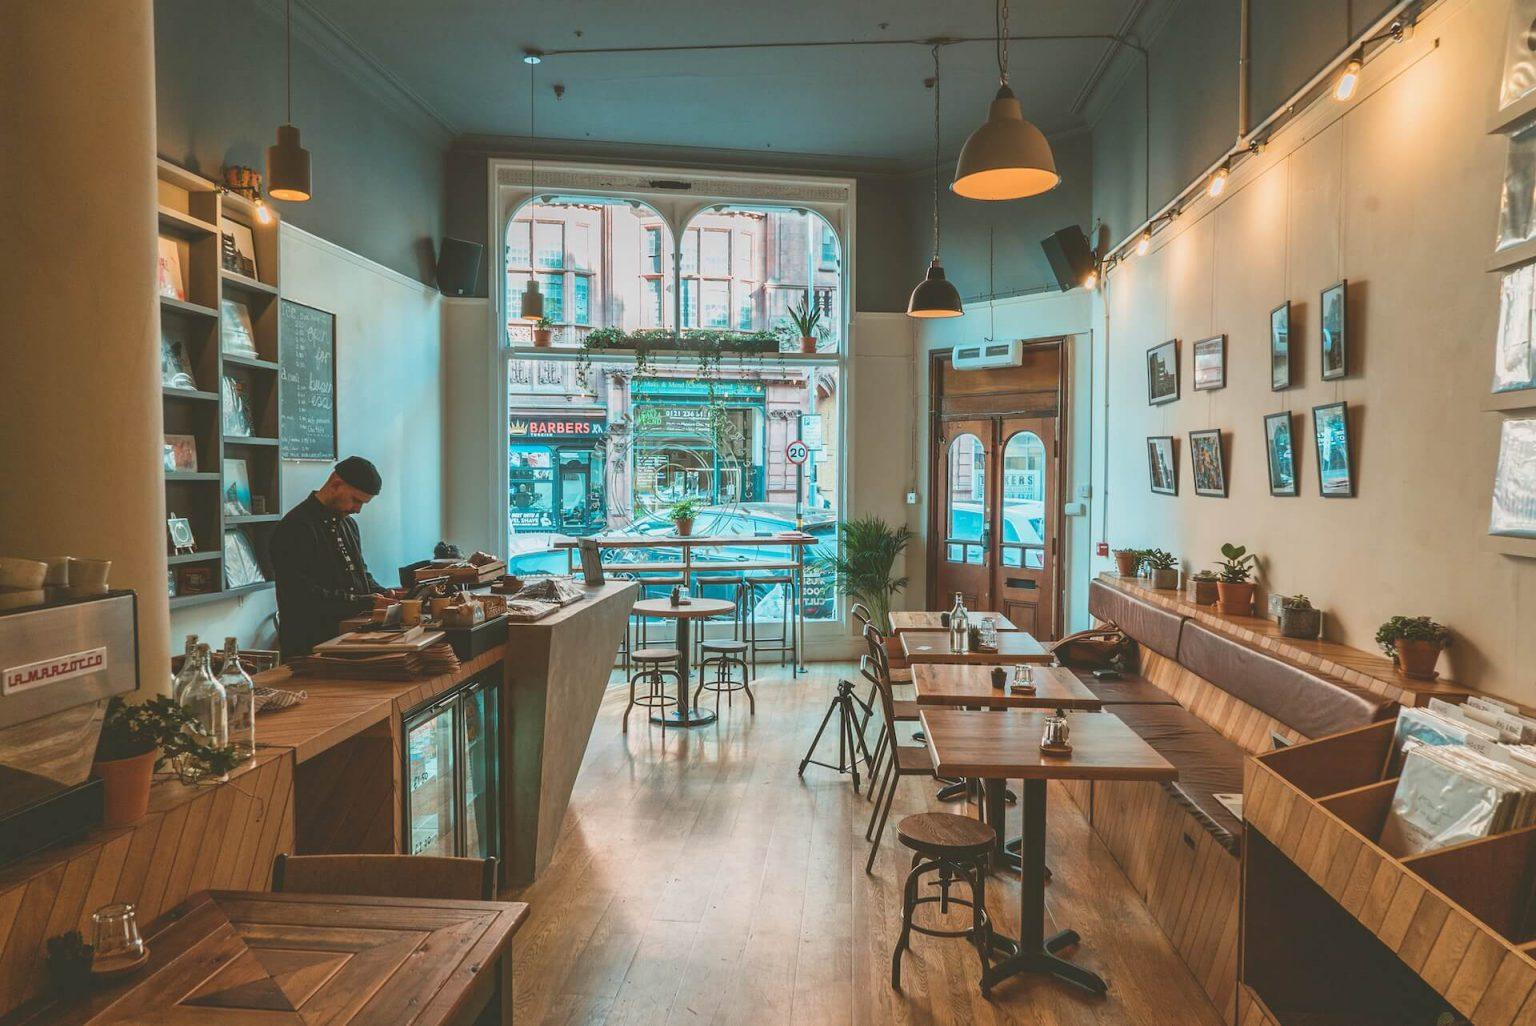 DSC09061-2-1440x962 Café Artum――バーミンガムのミュージックラバーズから親しまれるカフェ/レコードショップ